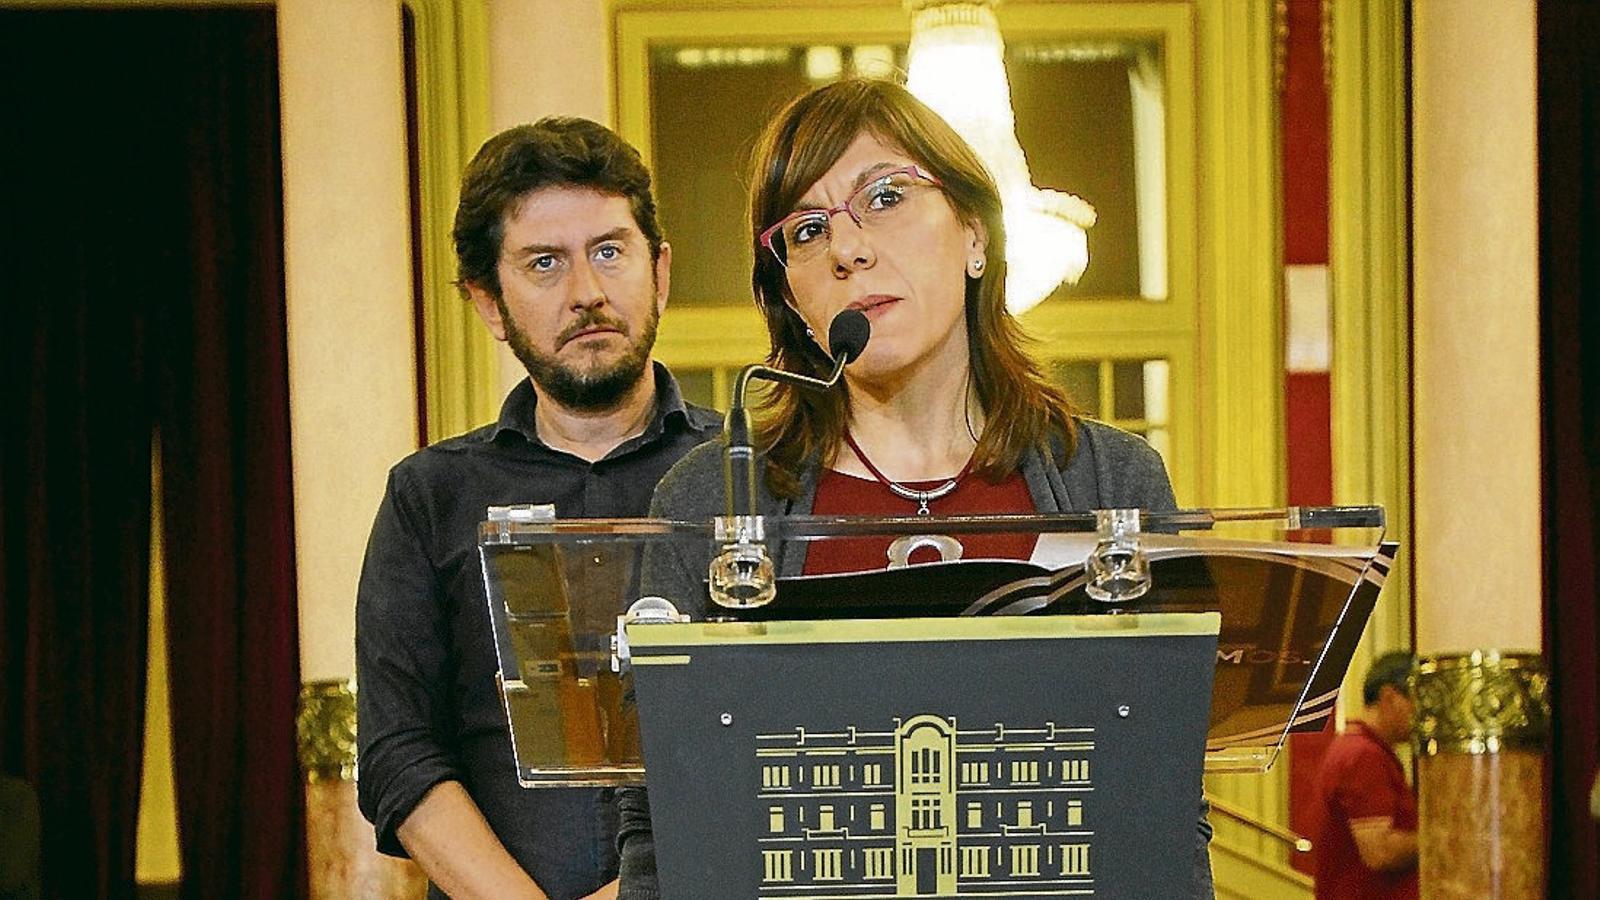 Fins ara, la portaveu del grup parlamentari de Podem ha estat Laura Camargo, amb Jarabo com a portaveu adjunt.